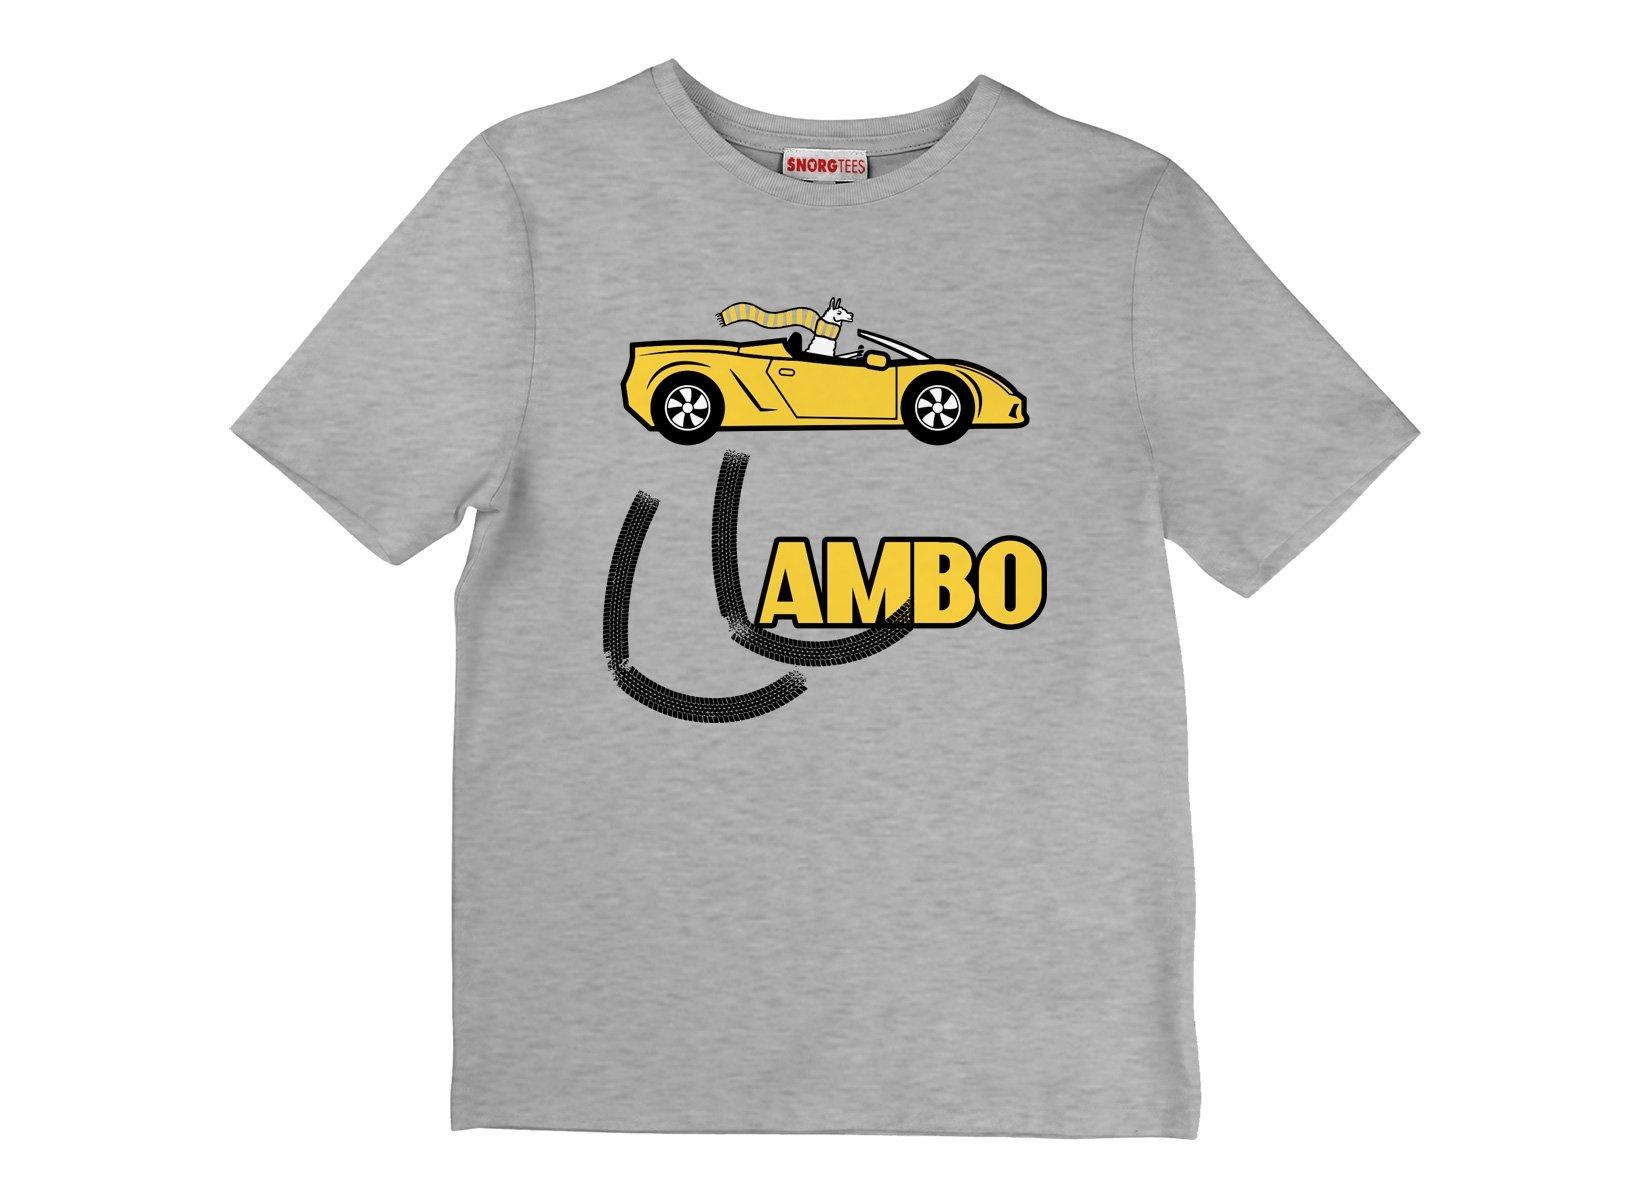 Llambo Llama on Kids T-Shirt